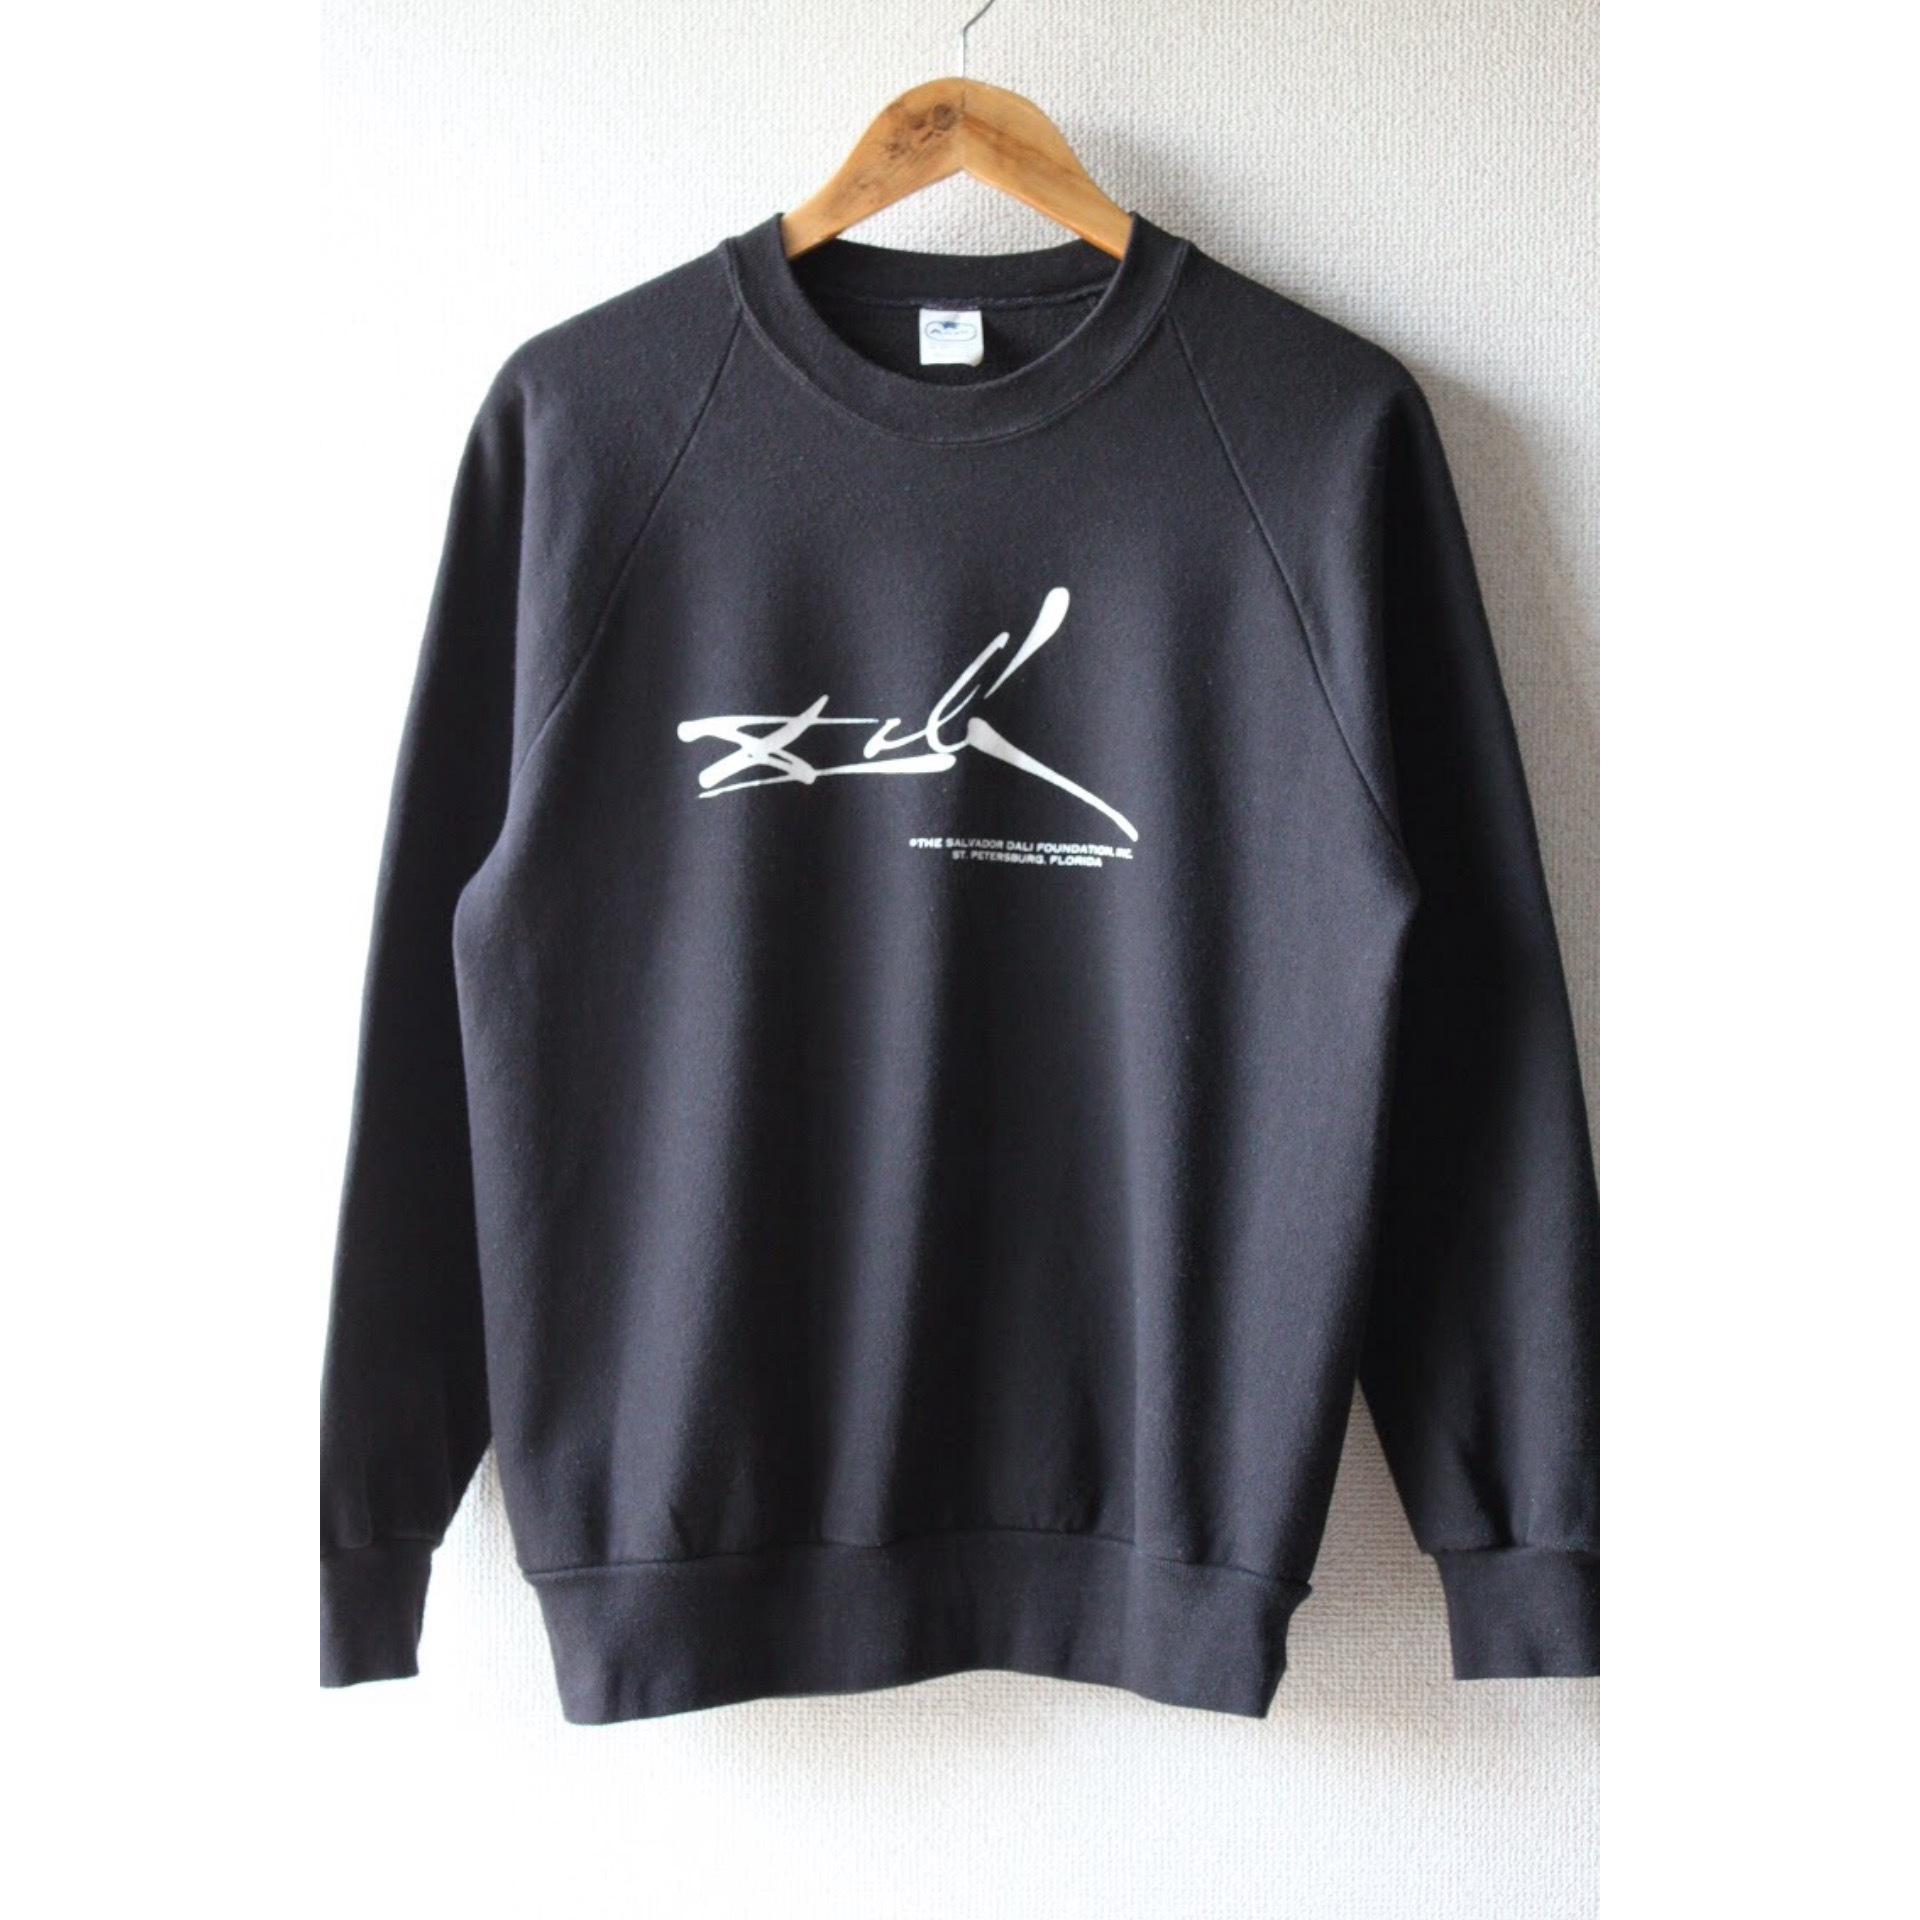 Vintage Salvador Dali Museum sweater